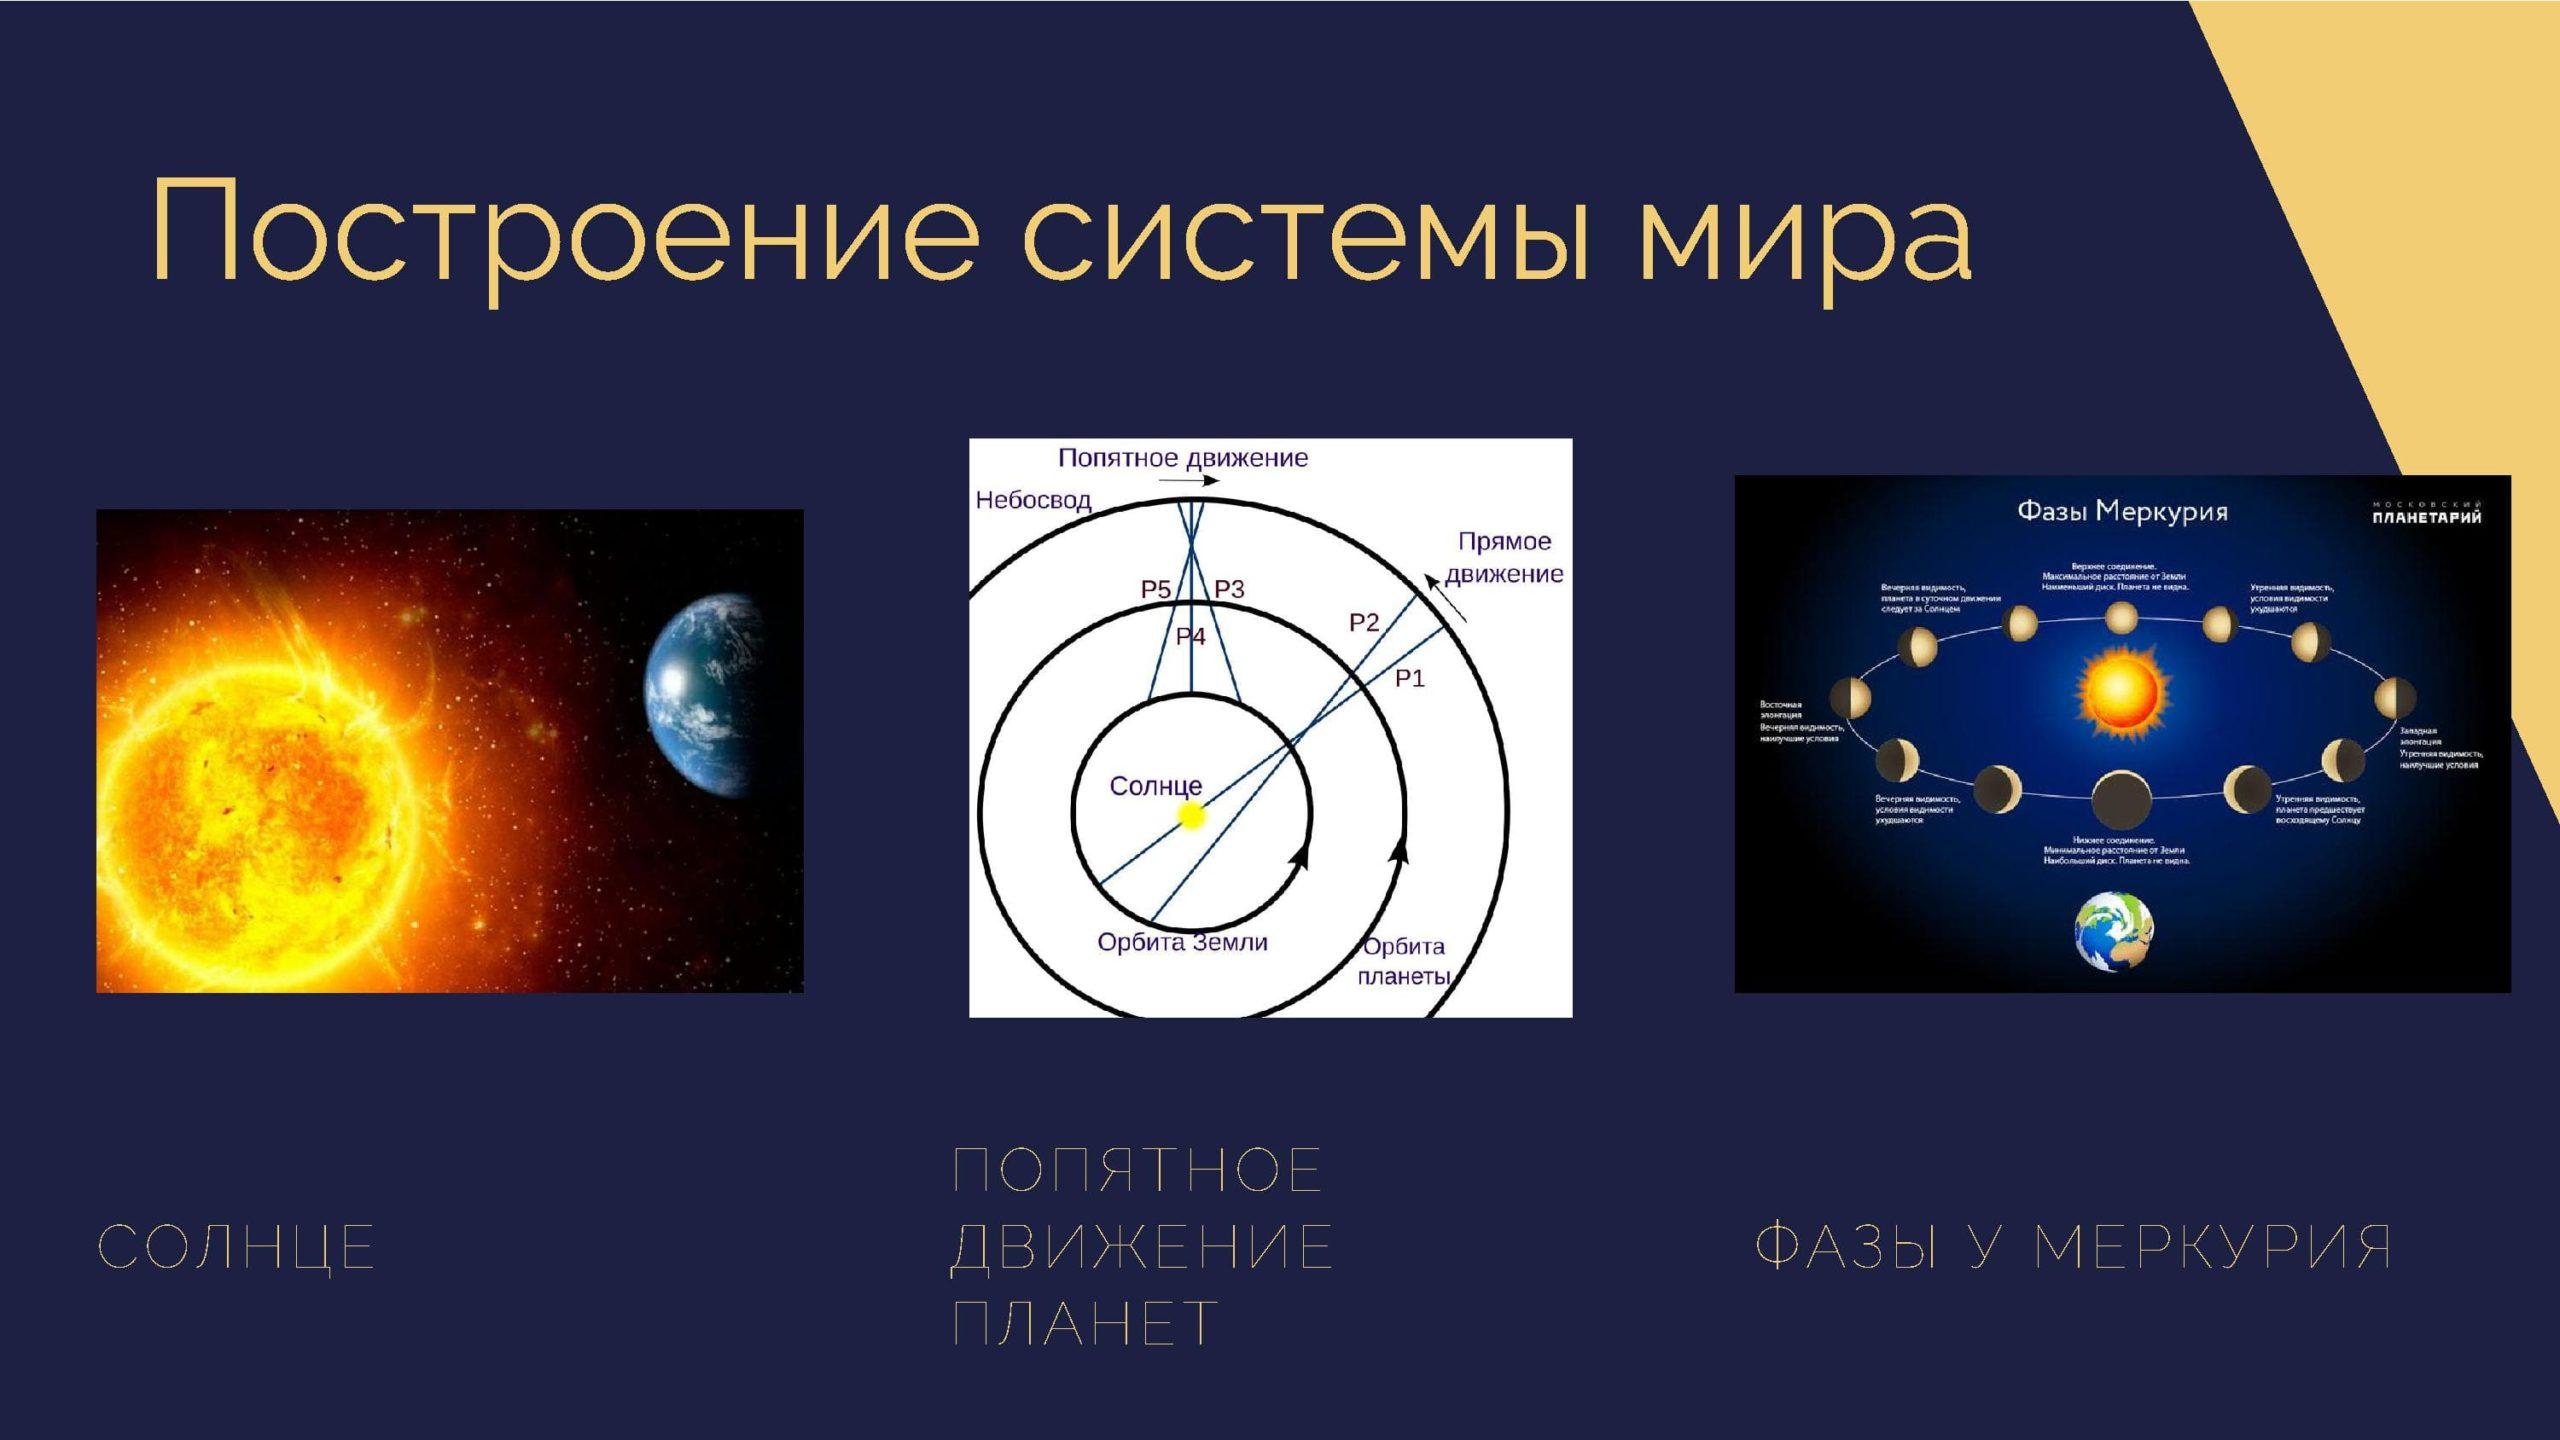 Построение системы мира